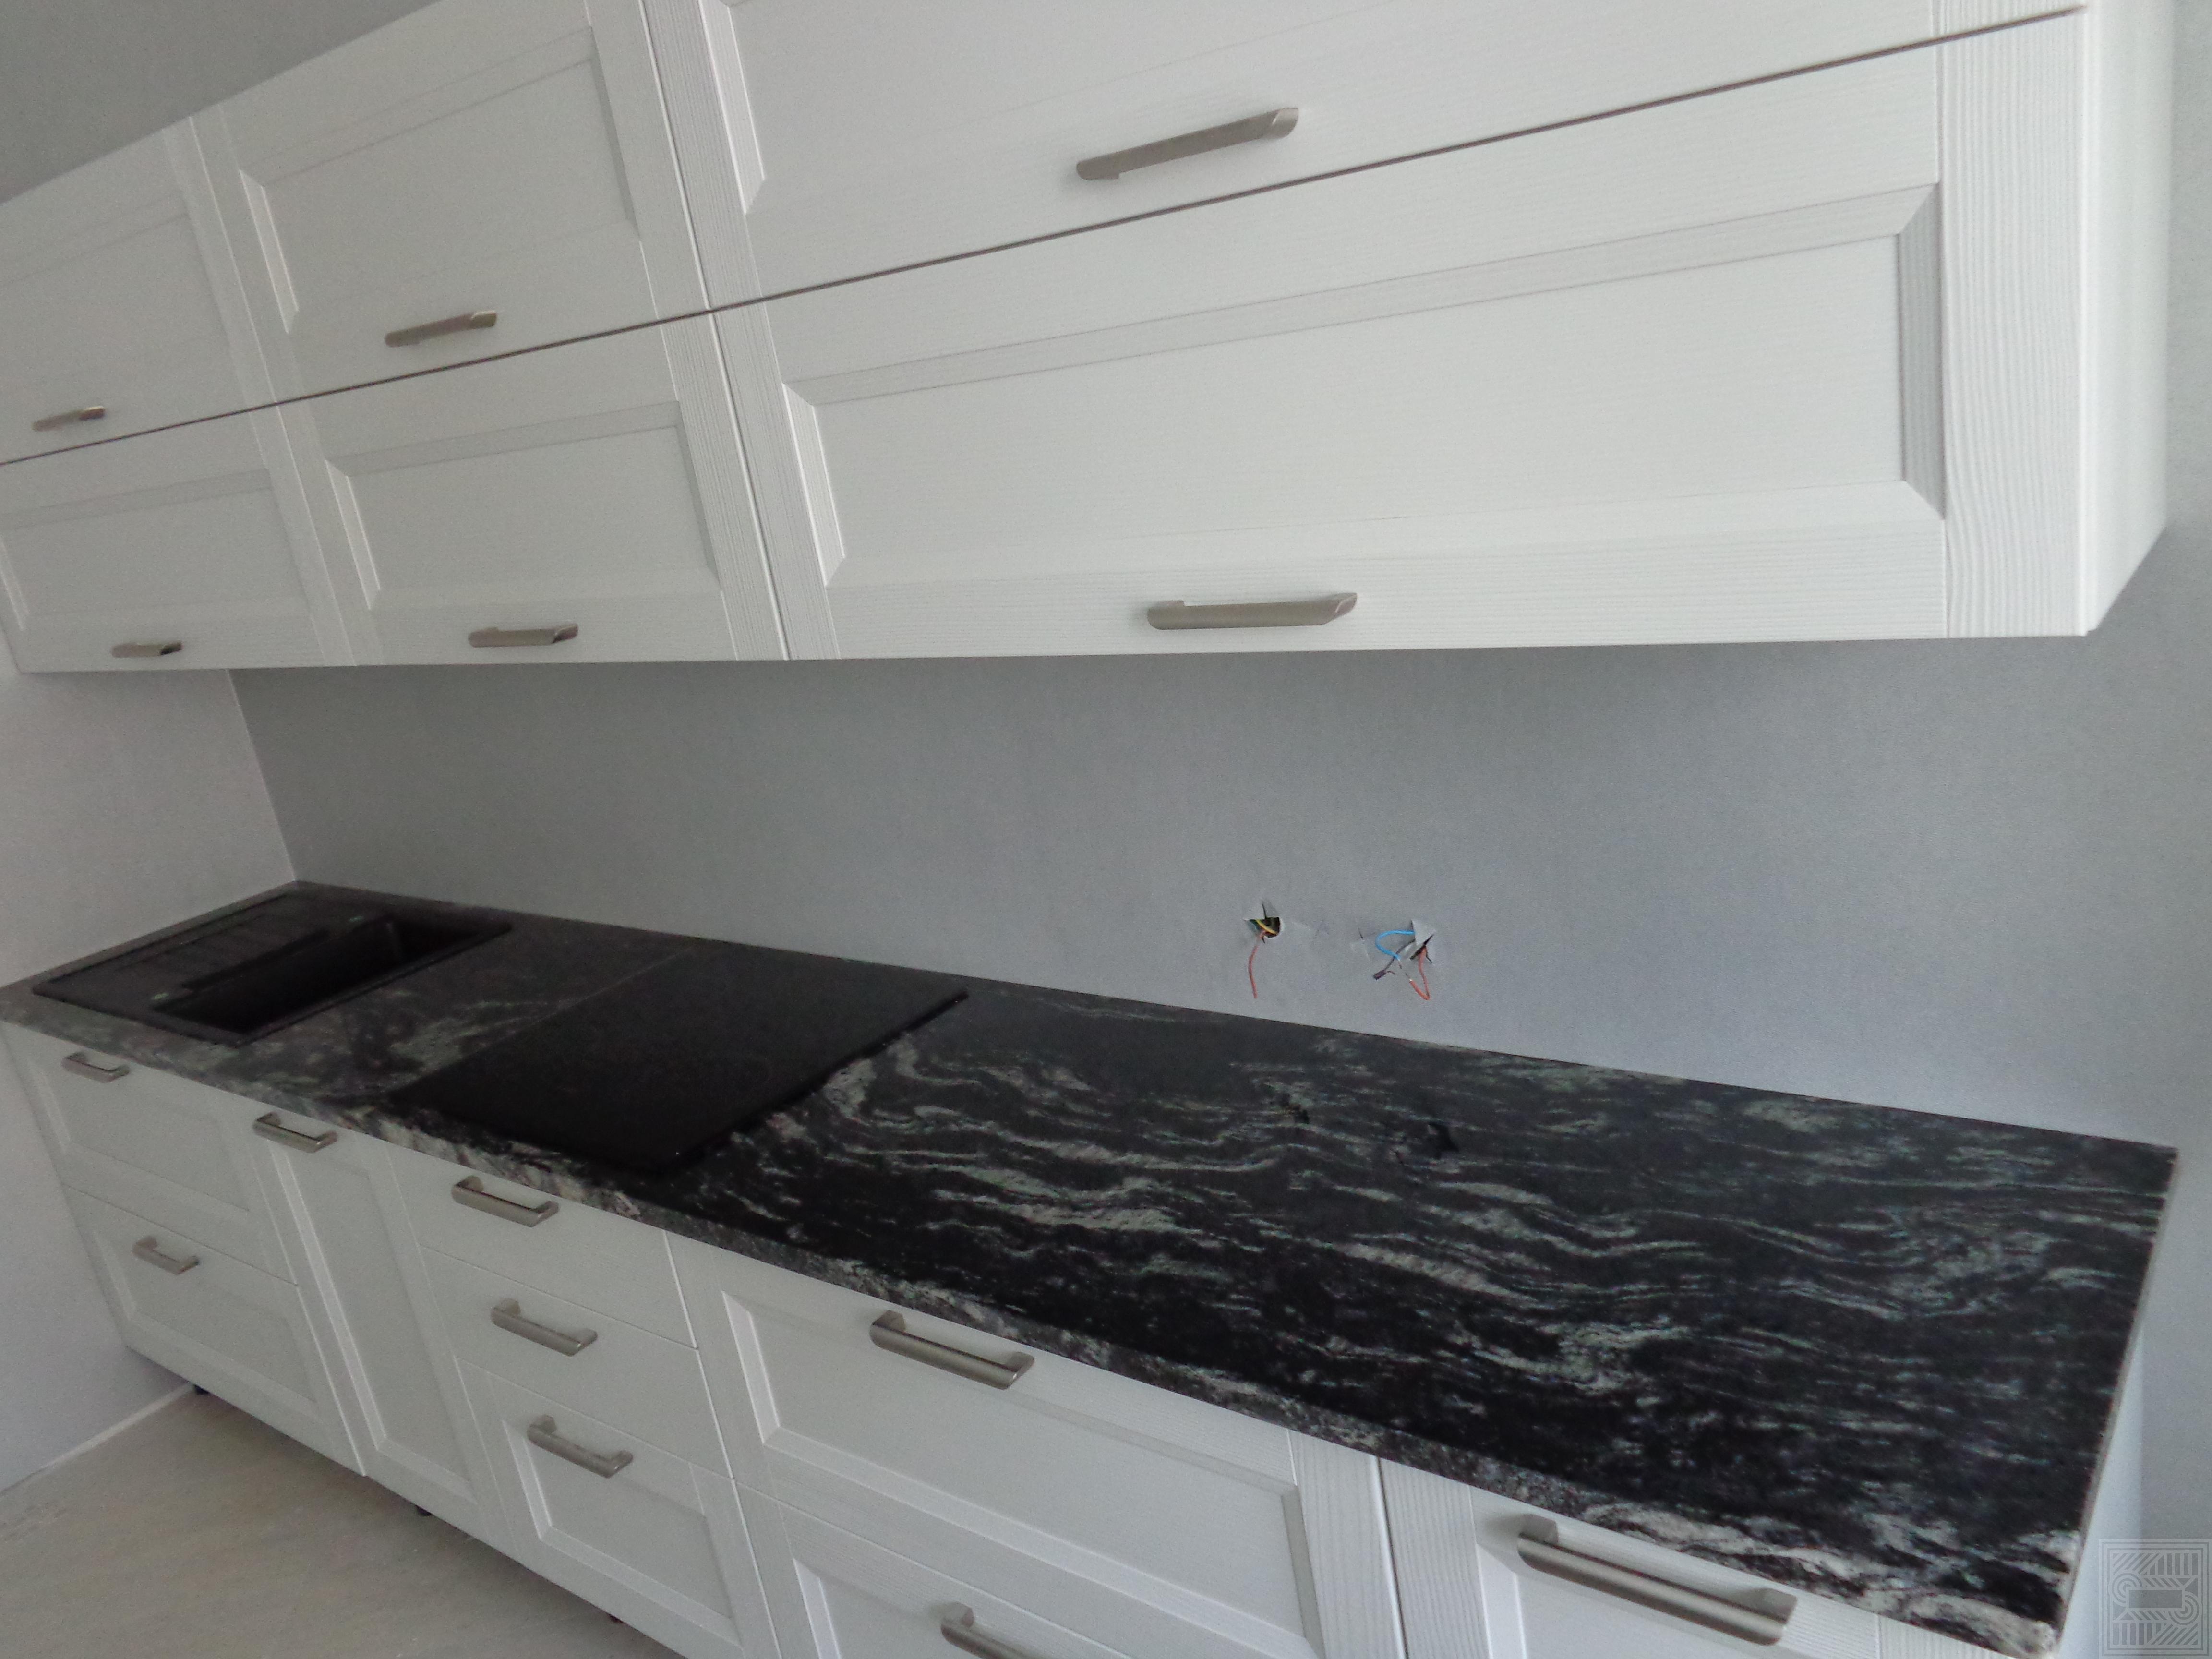 Столешница из гранита Black Cosmic 30 мм worktop-granite - Stoleshnitsa iz granita Black Cosmic 30 mm